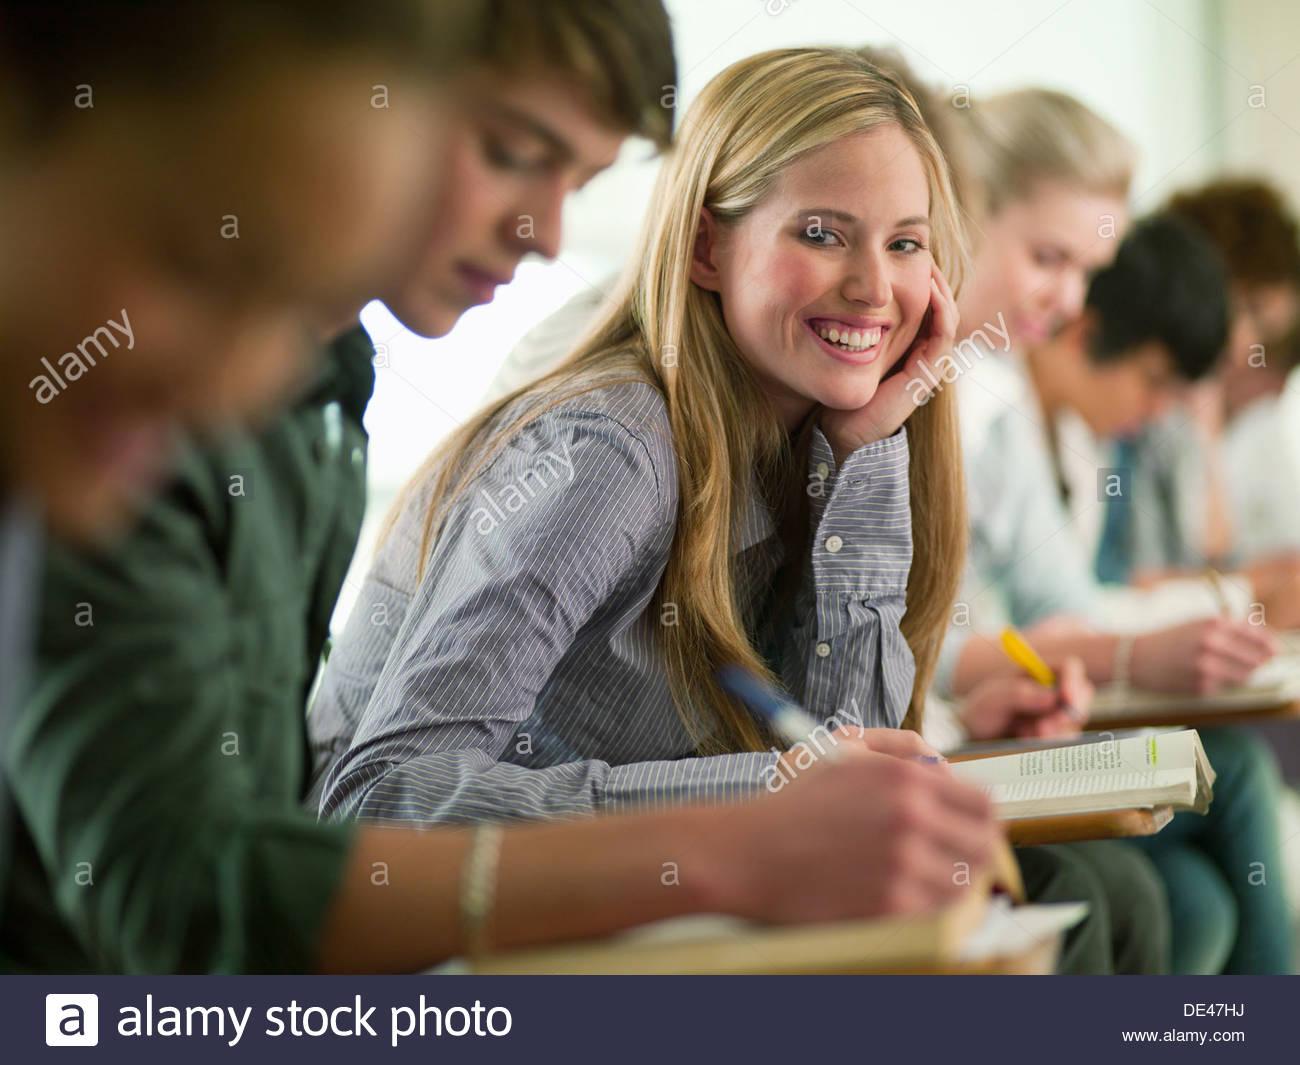 Estudiante universitario sonrientes sentados frente al escritorio en el aula Imagen De Stock